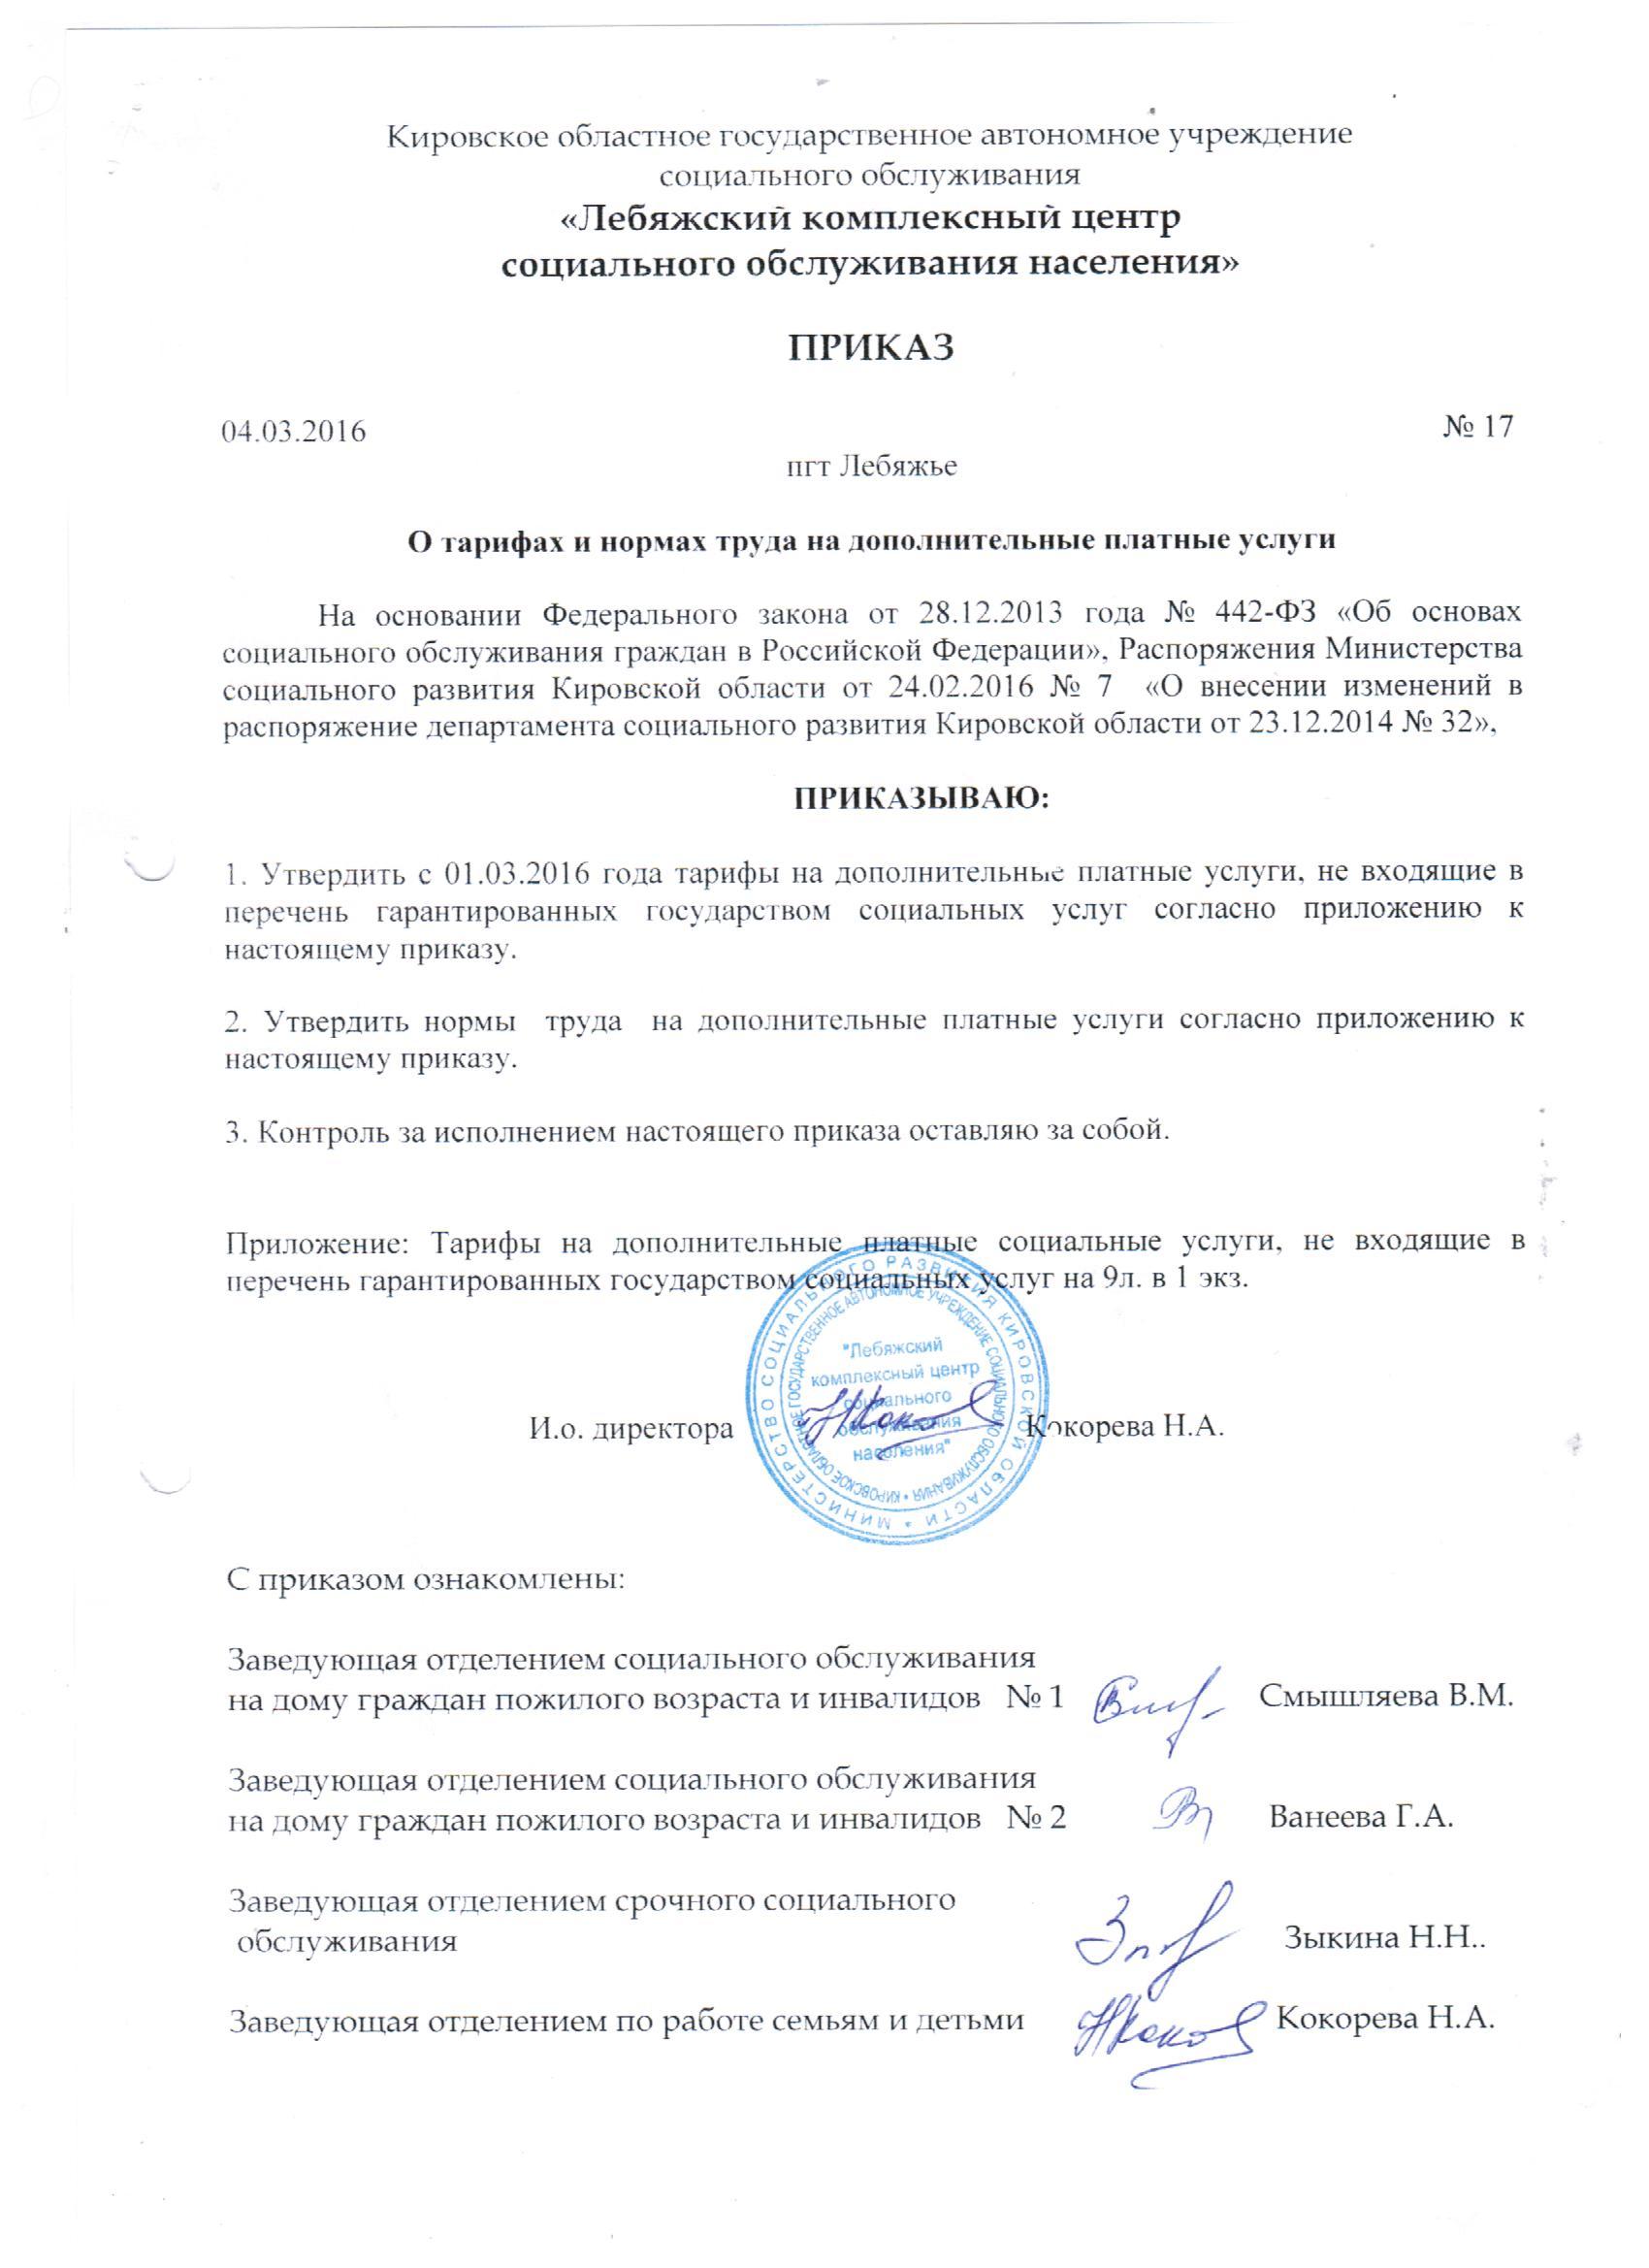 бланк договора на оказания услуг психологических услуг